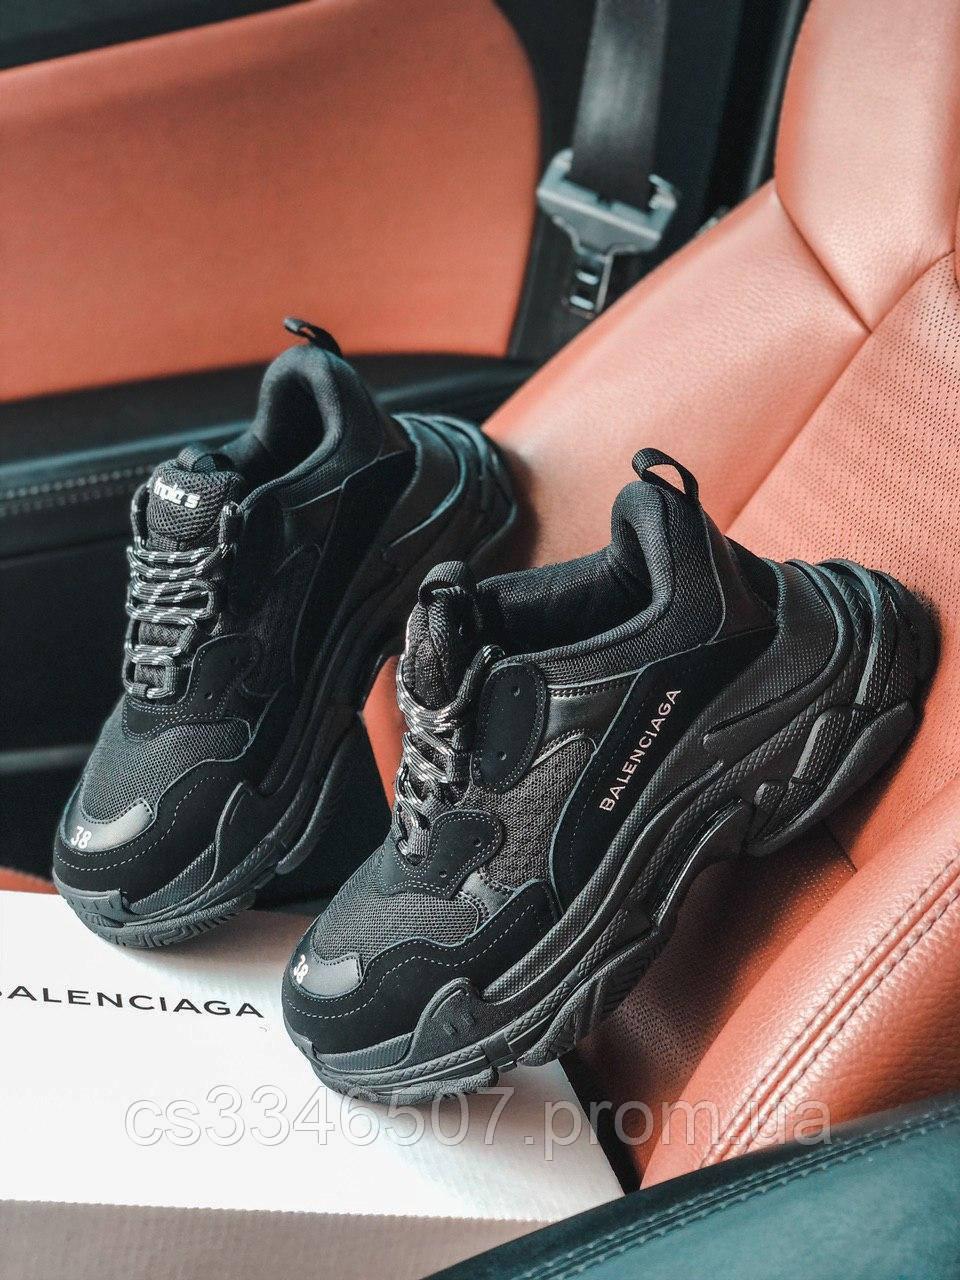 Кросівки Balenciaga Triple S All Black. Шкіряні чорні кросівки Баленсіага